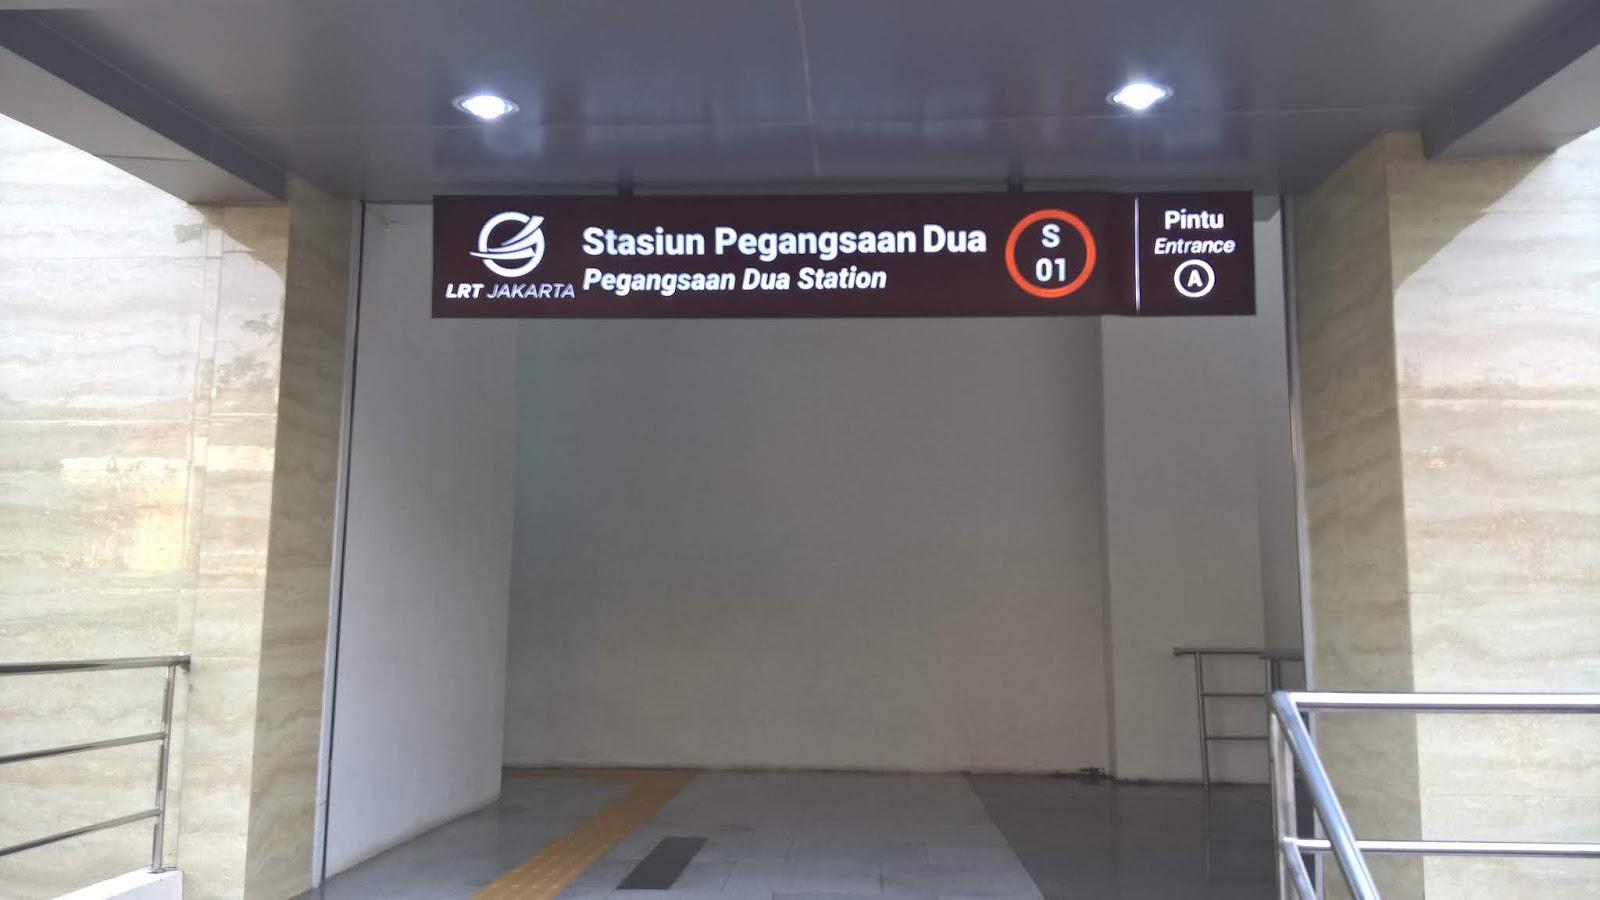 Stasiun LRT Pegangsaan Dua